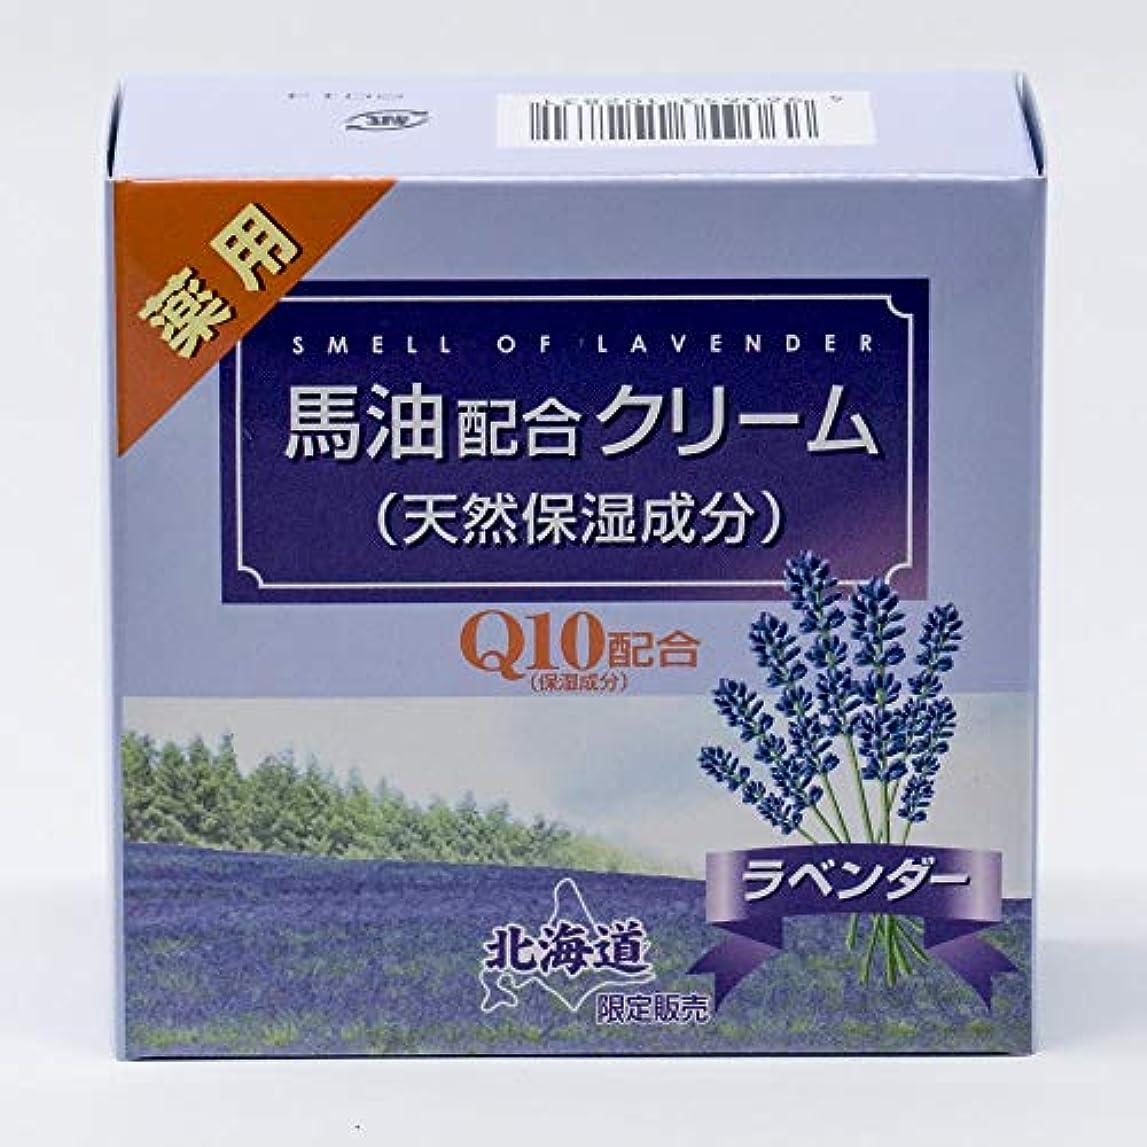 精神染色リーチ薬用 馬油配合クリーム ラベンダーの香り 保湿成分Q10配合